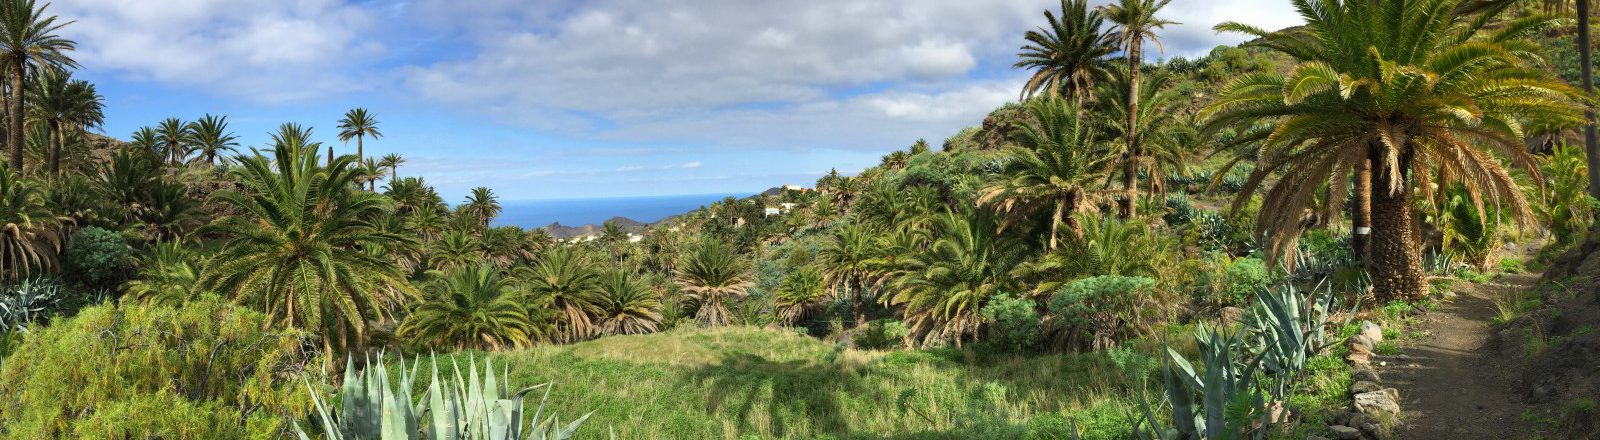 Paysage de palmiers à Alojera